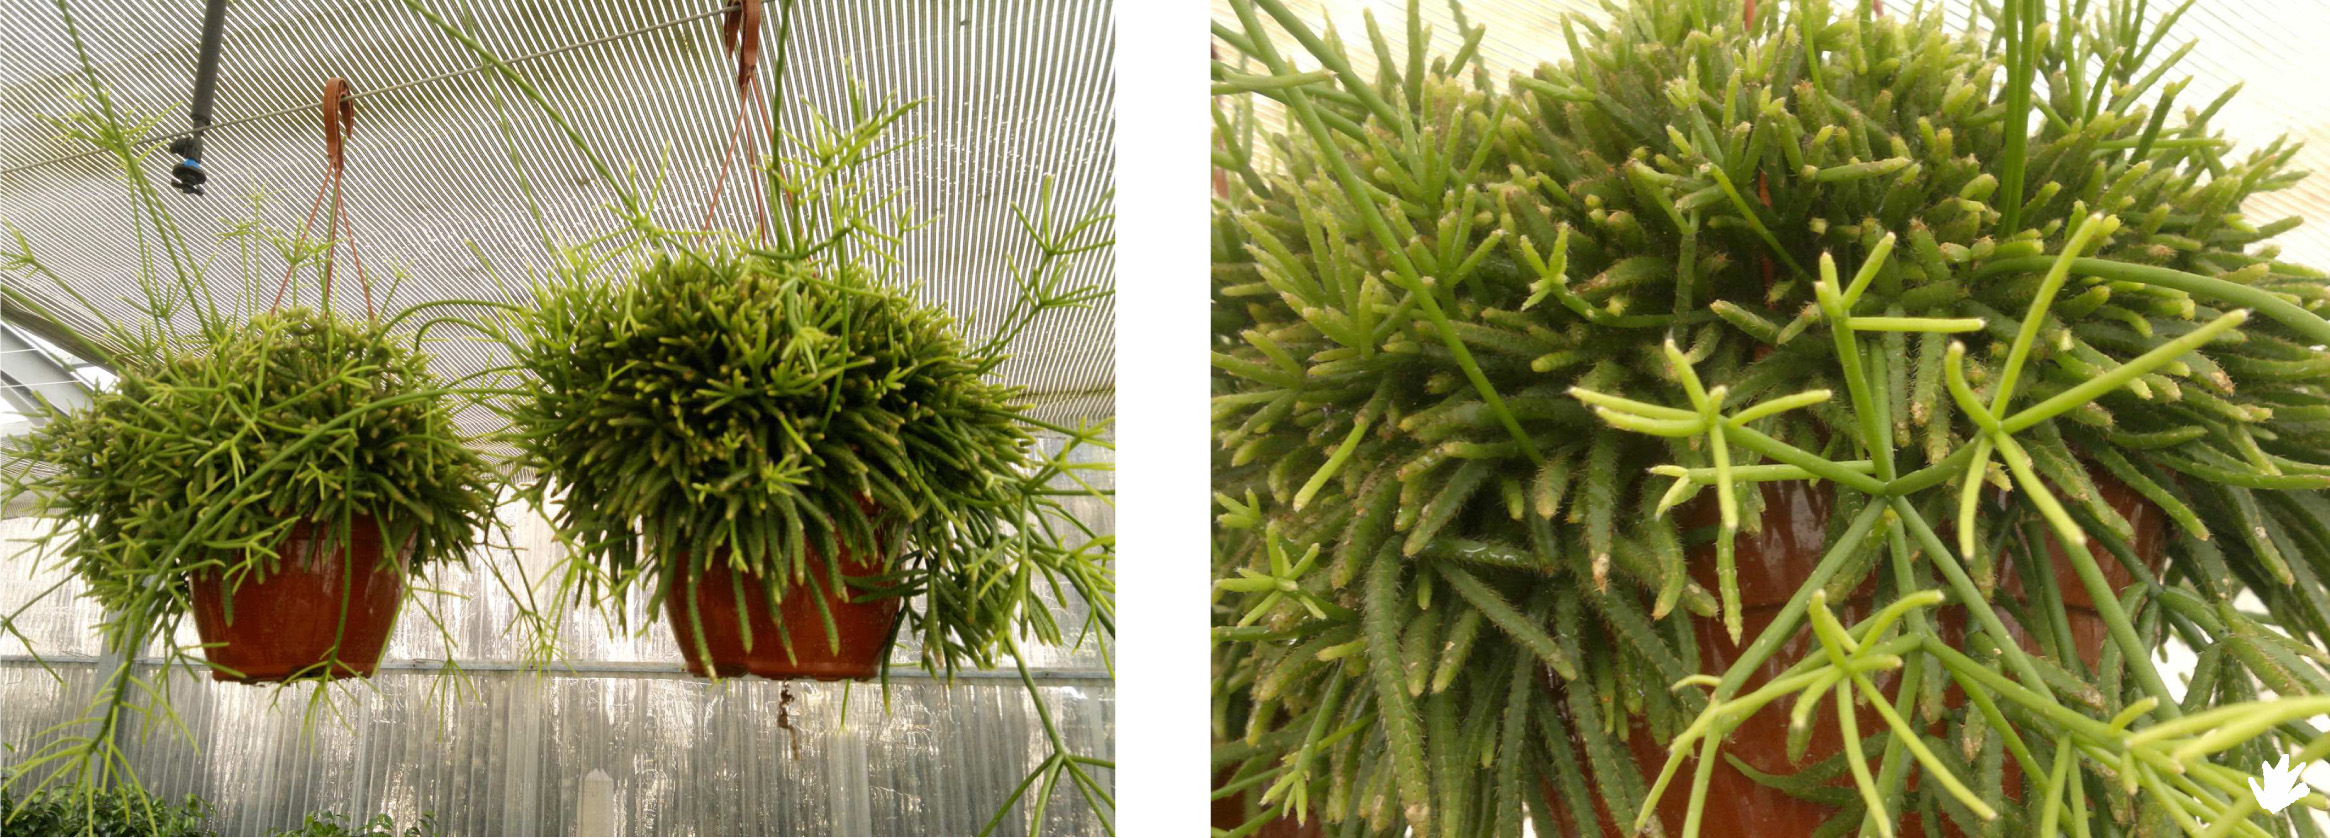 Plantas ep fitas para los jardines verticales paivert - Plantas para jardines verticales ...